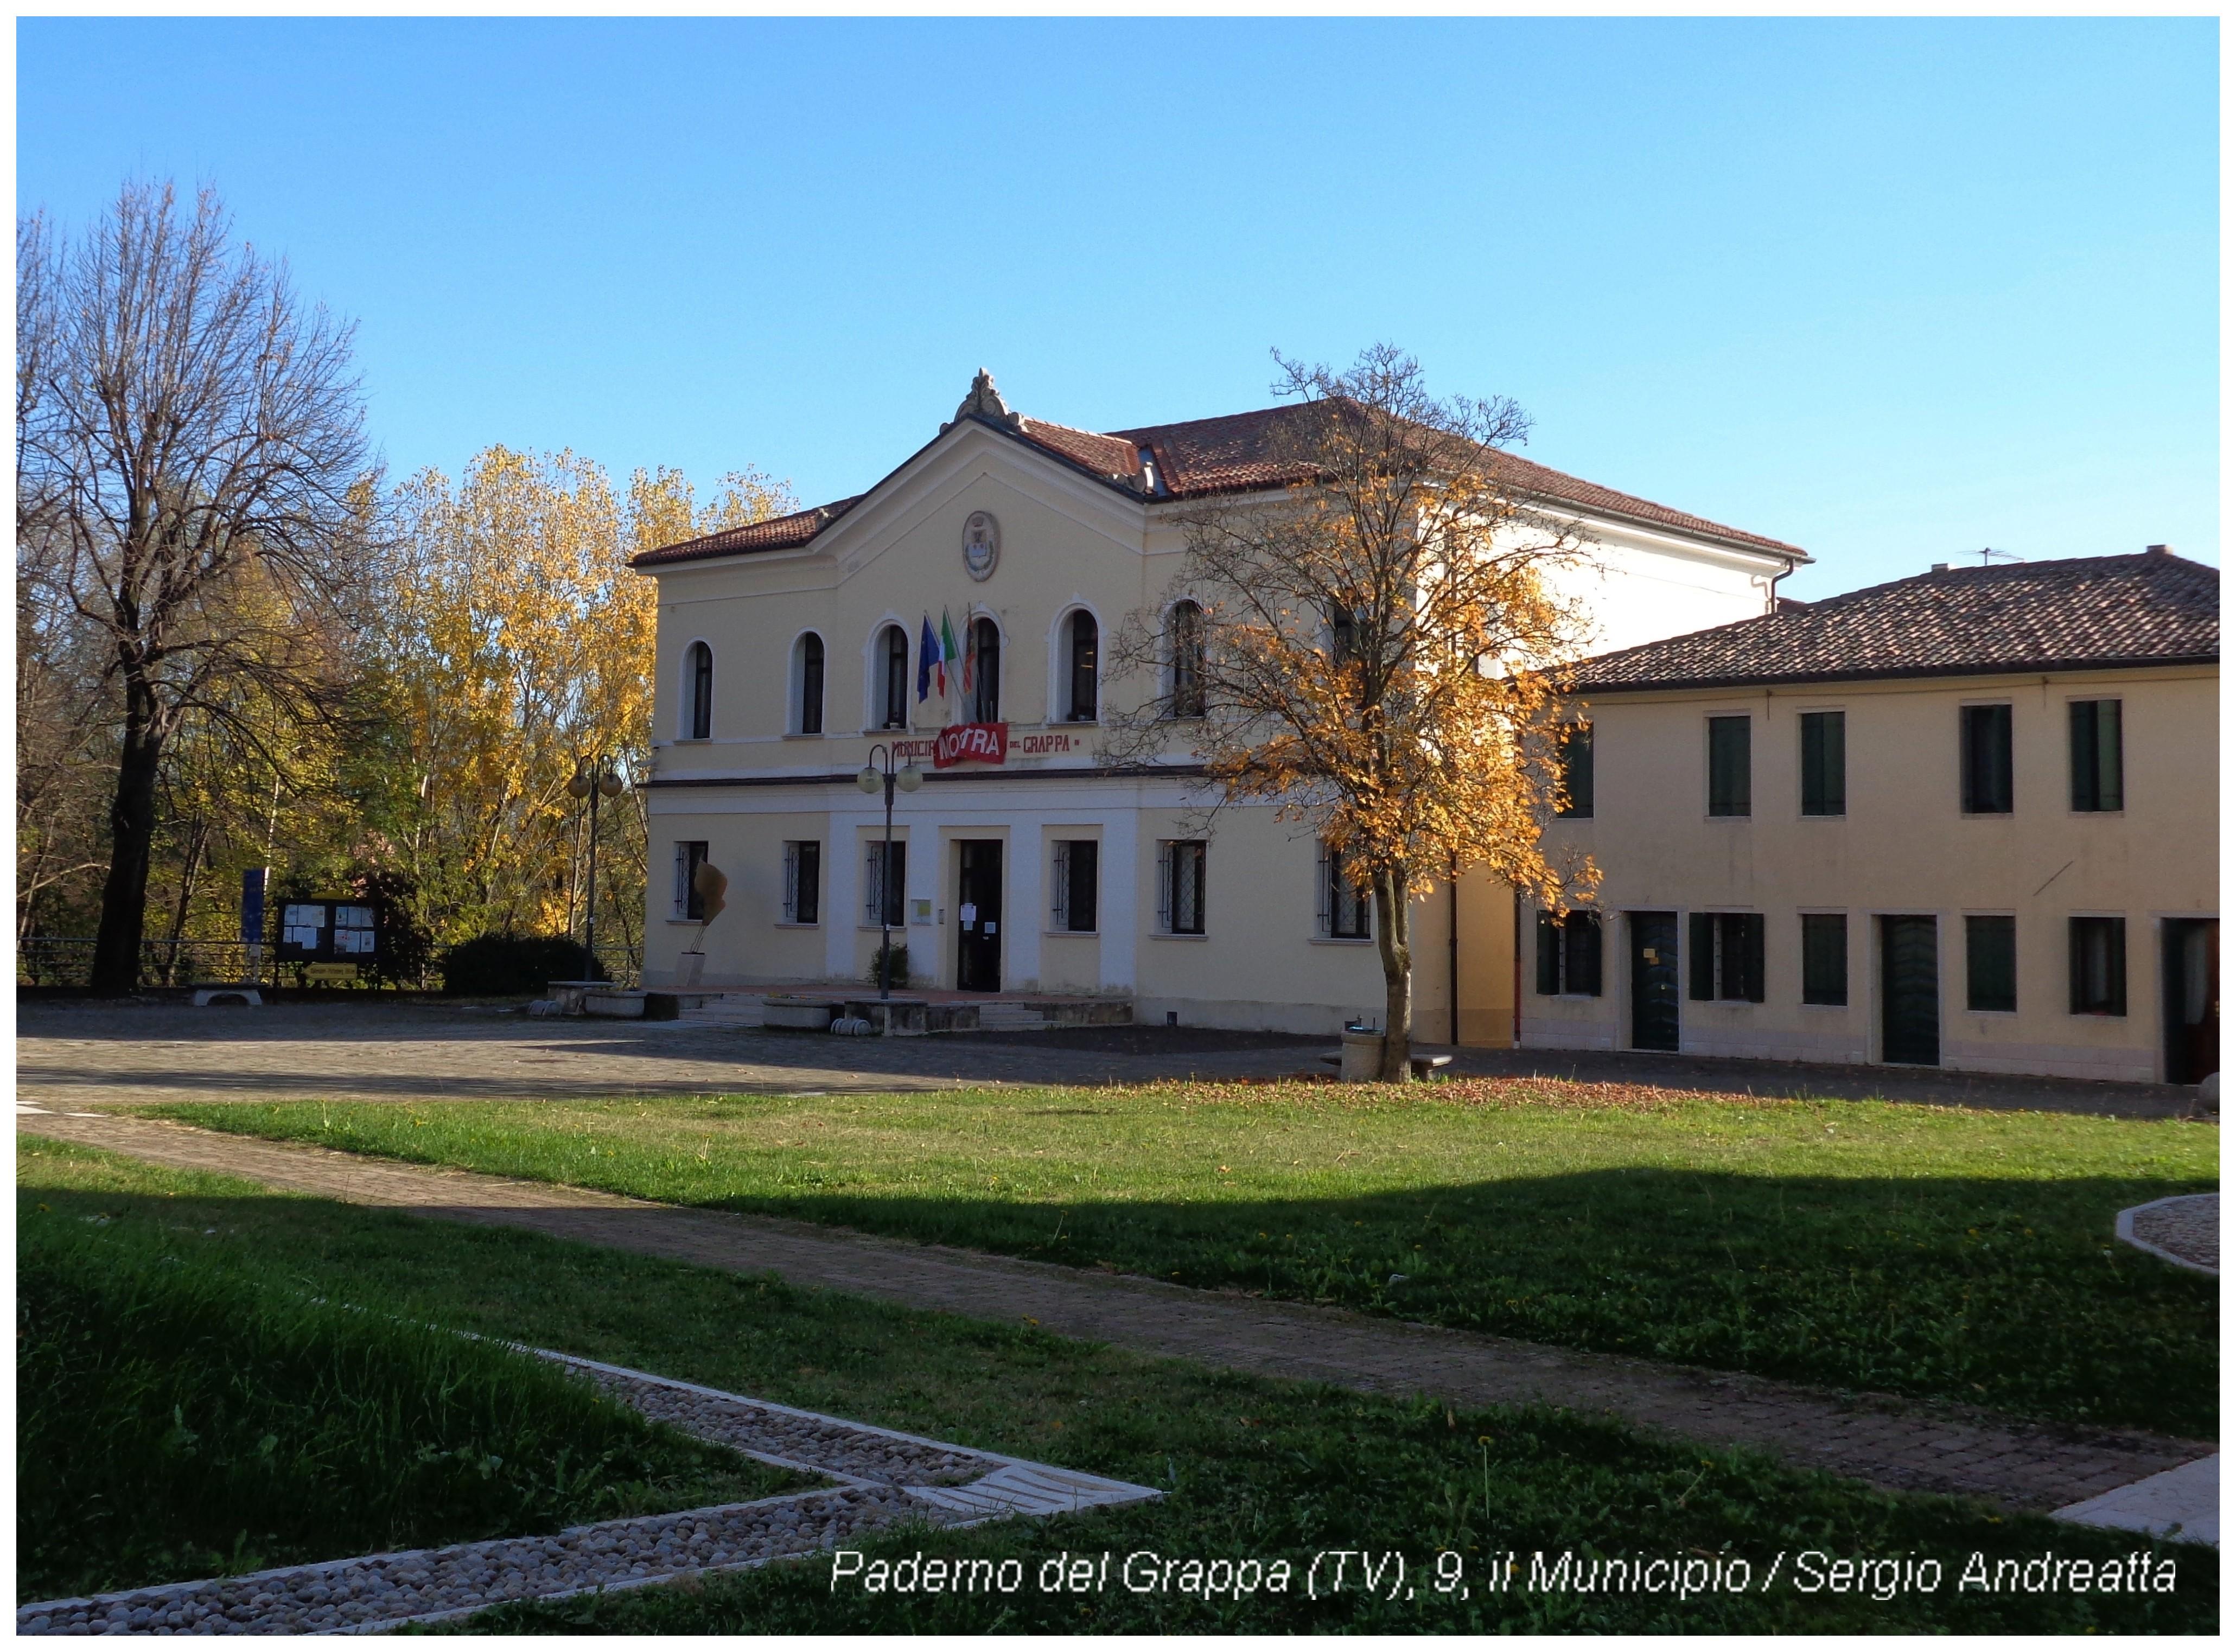 Casa andreatta andreatta house andreatta segmento - Casa di cura paderno dugnano ...